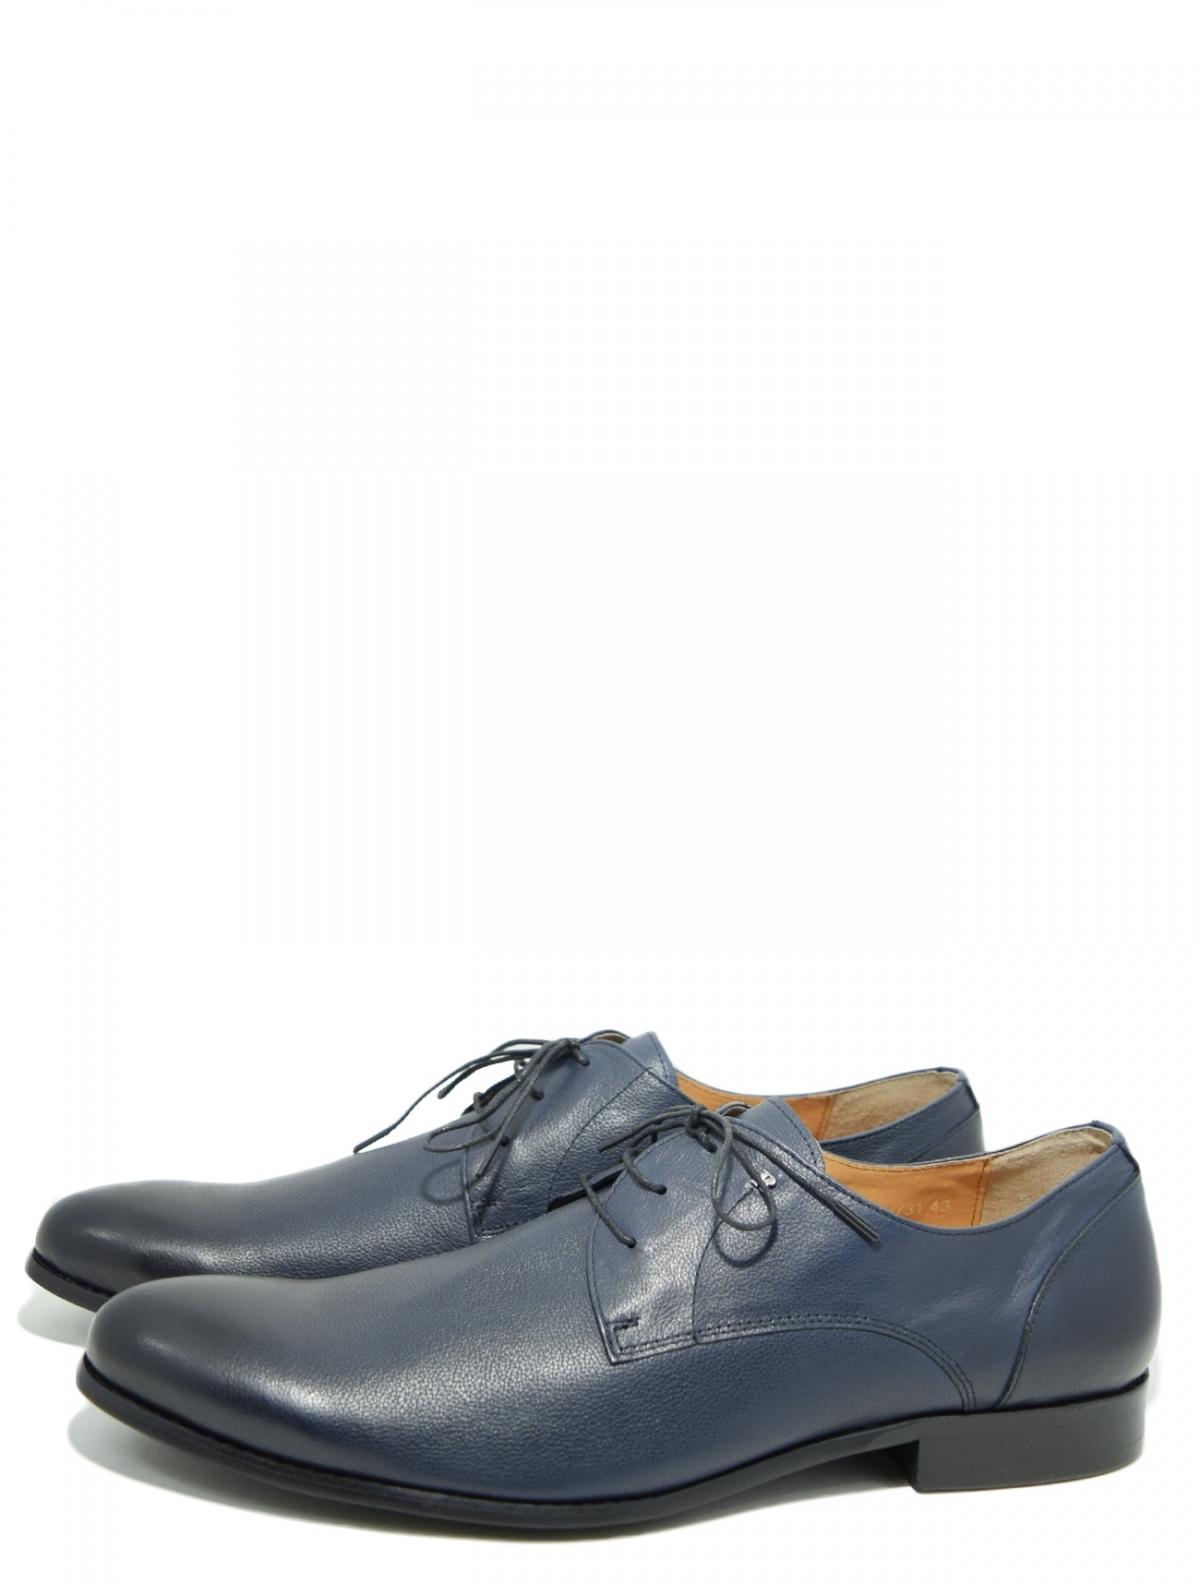 Respect SS83-128731 мужские туфли